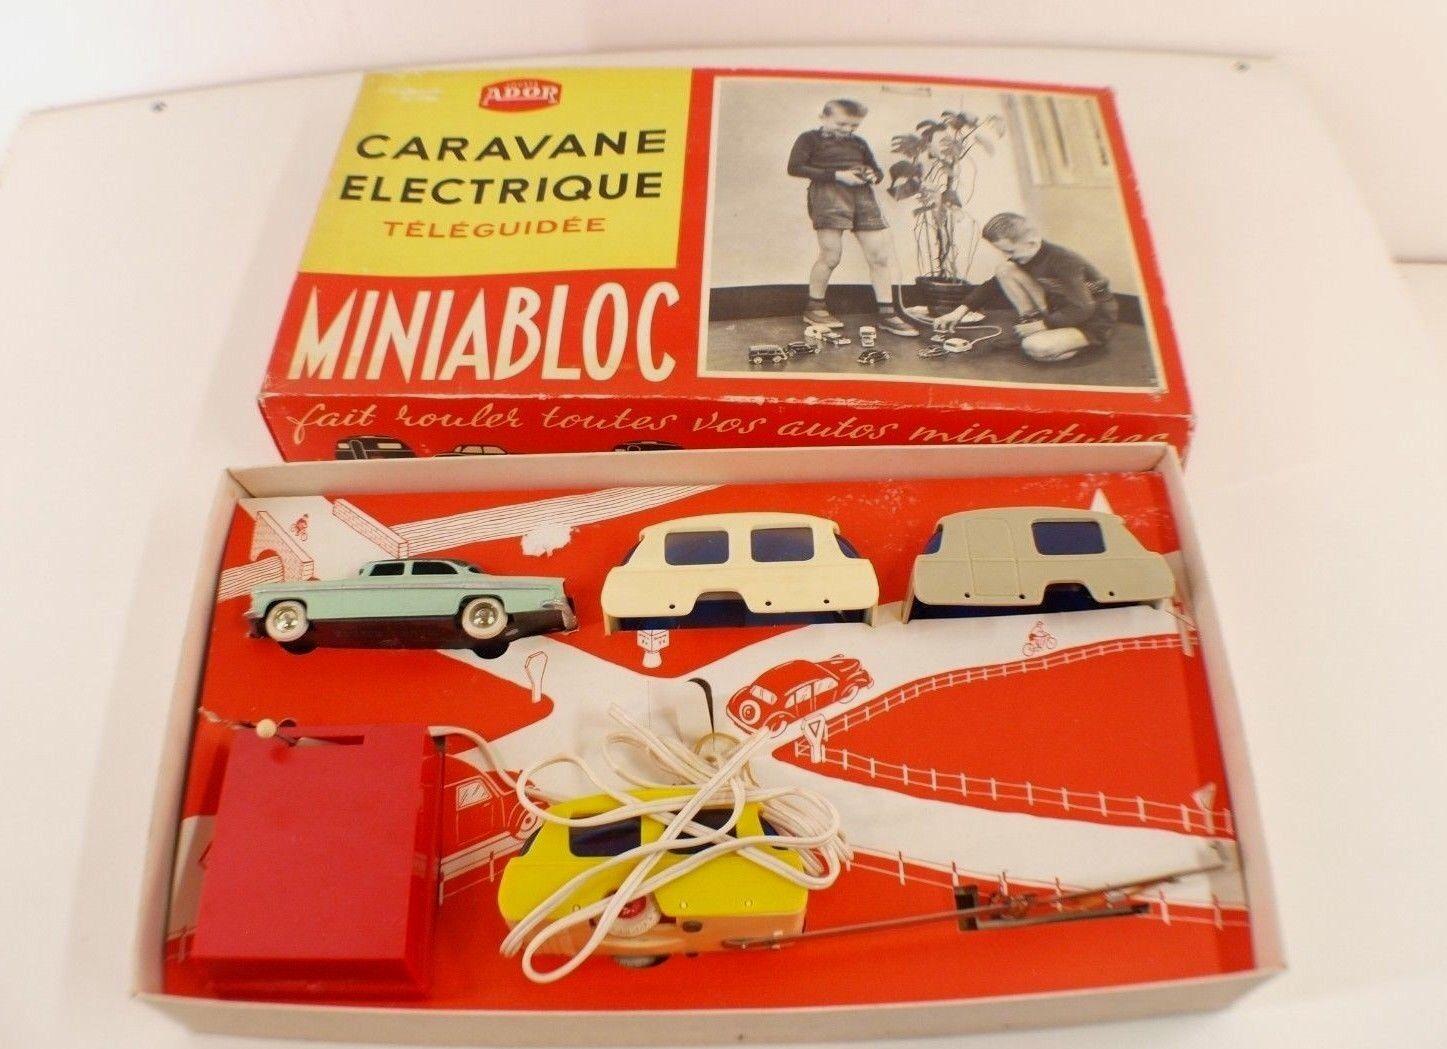 Miniabloc Jouets ADOR Poitiers Coffret Caravane ELECTRIQUE téléguidée CIJ CIJ CIJ rare edbbef